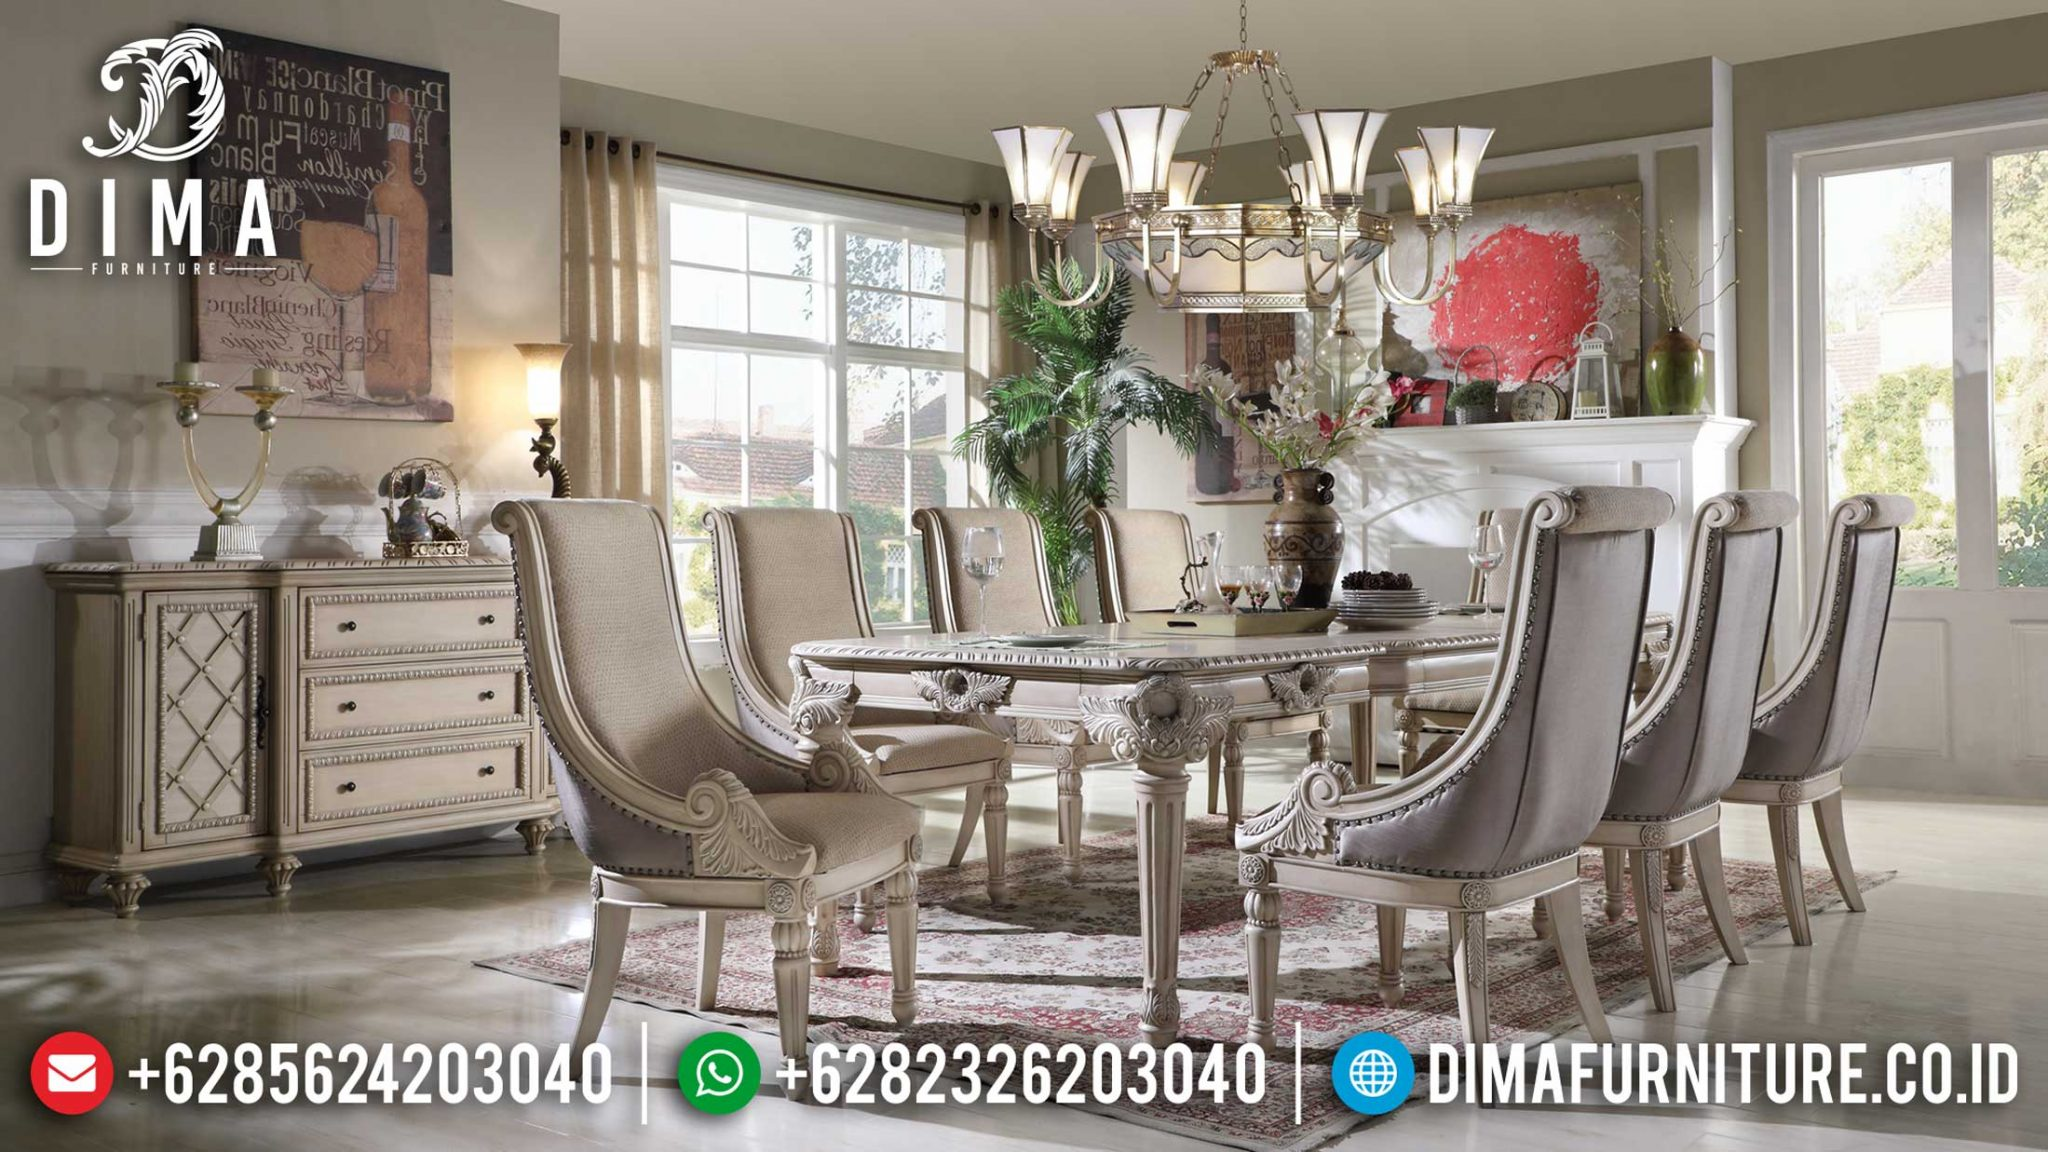 Art Deco Meja Makan Mewah Ukiran Jepara Luxury Carving Royals Type TTJ-1187